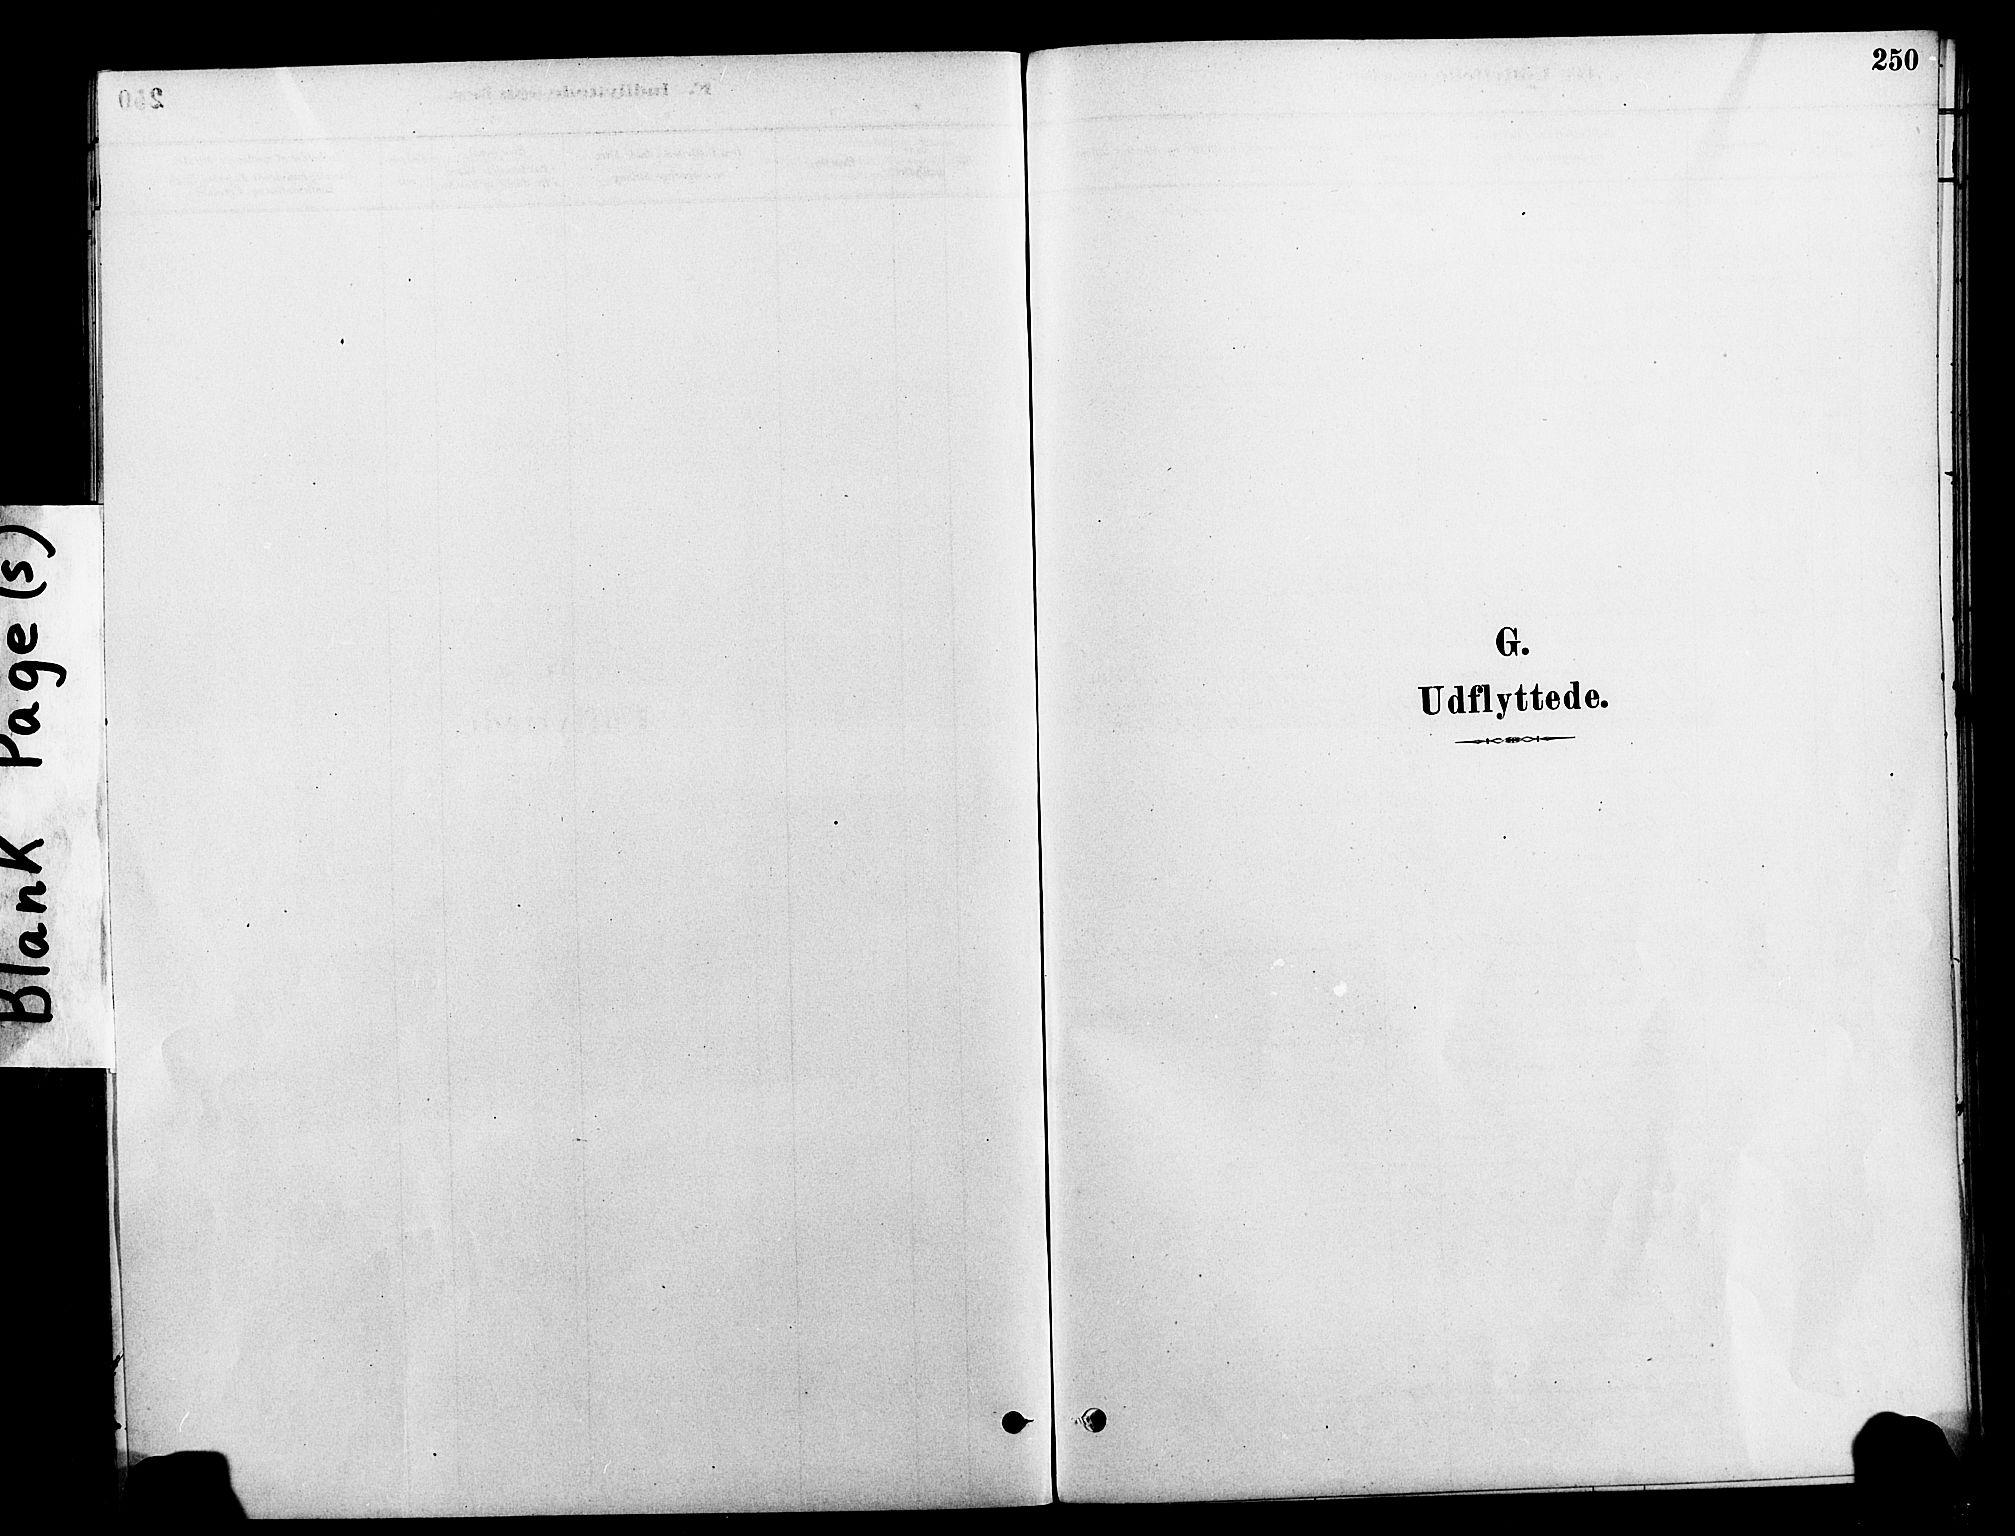 SAT, Ministerialprotokoller, klokkerbøker og fødselsregistre - Nord-Trøndelag, 712/L0100: Ministerialbok nr. 712A01, 1880-1900, s. 250